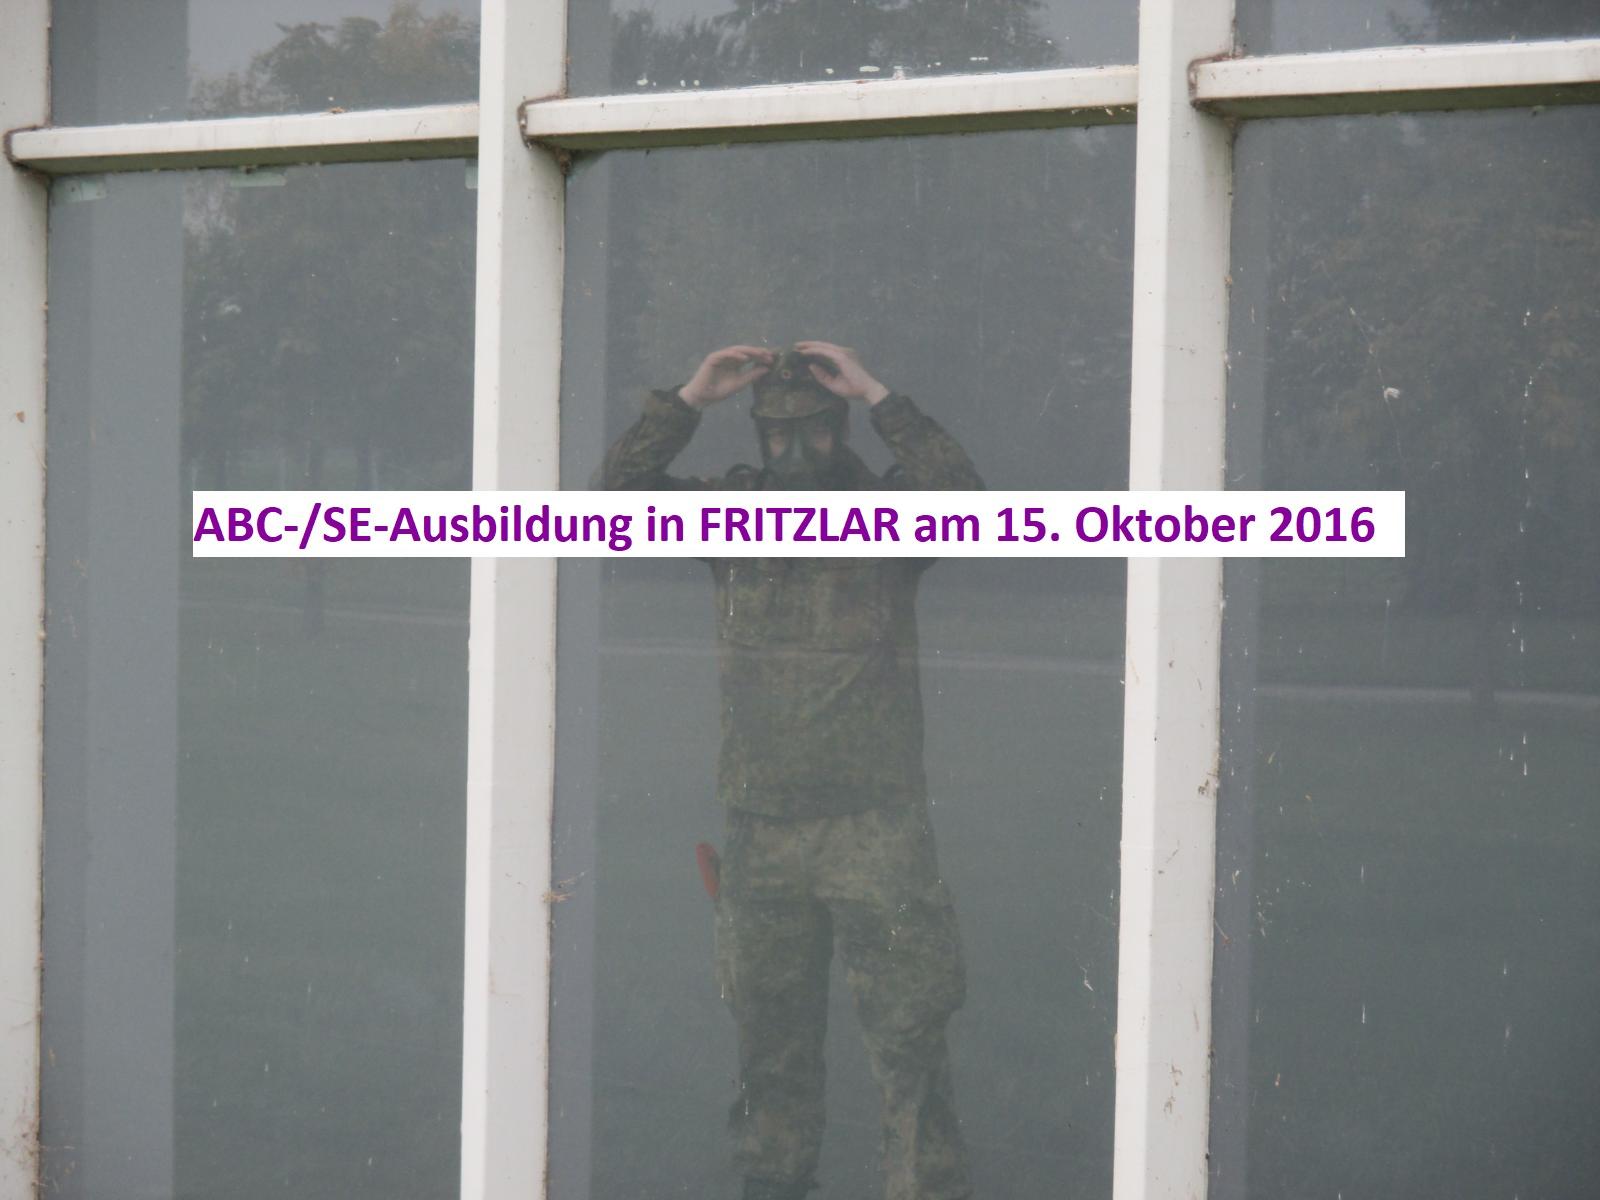 ABC-/SE-Ausbildung